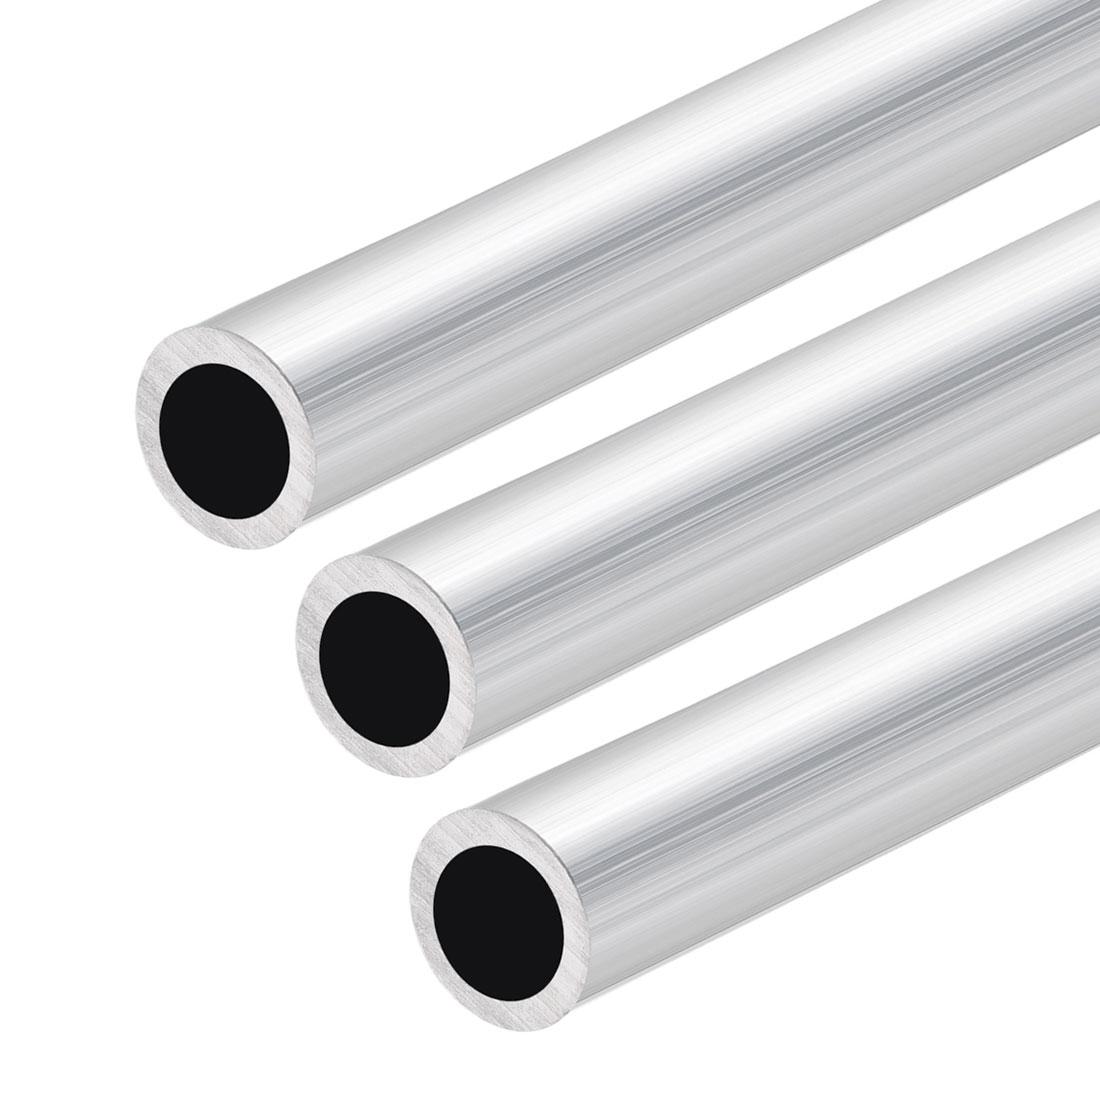 6063 Aluminum Tubing 300mm Length 12.7mm OD 8.8mm Inner Dia Seamless Tube 3pcs